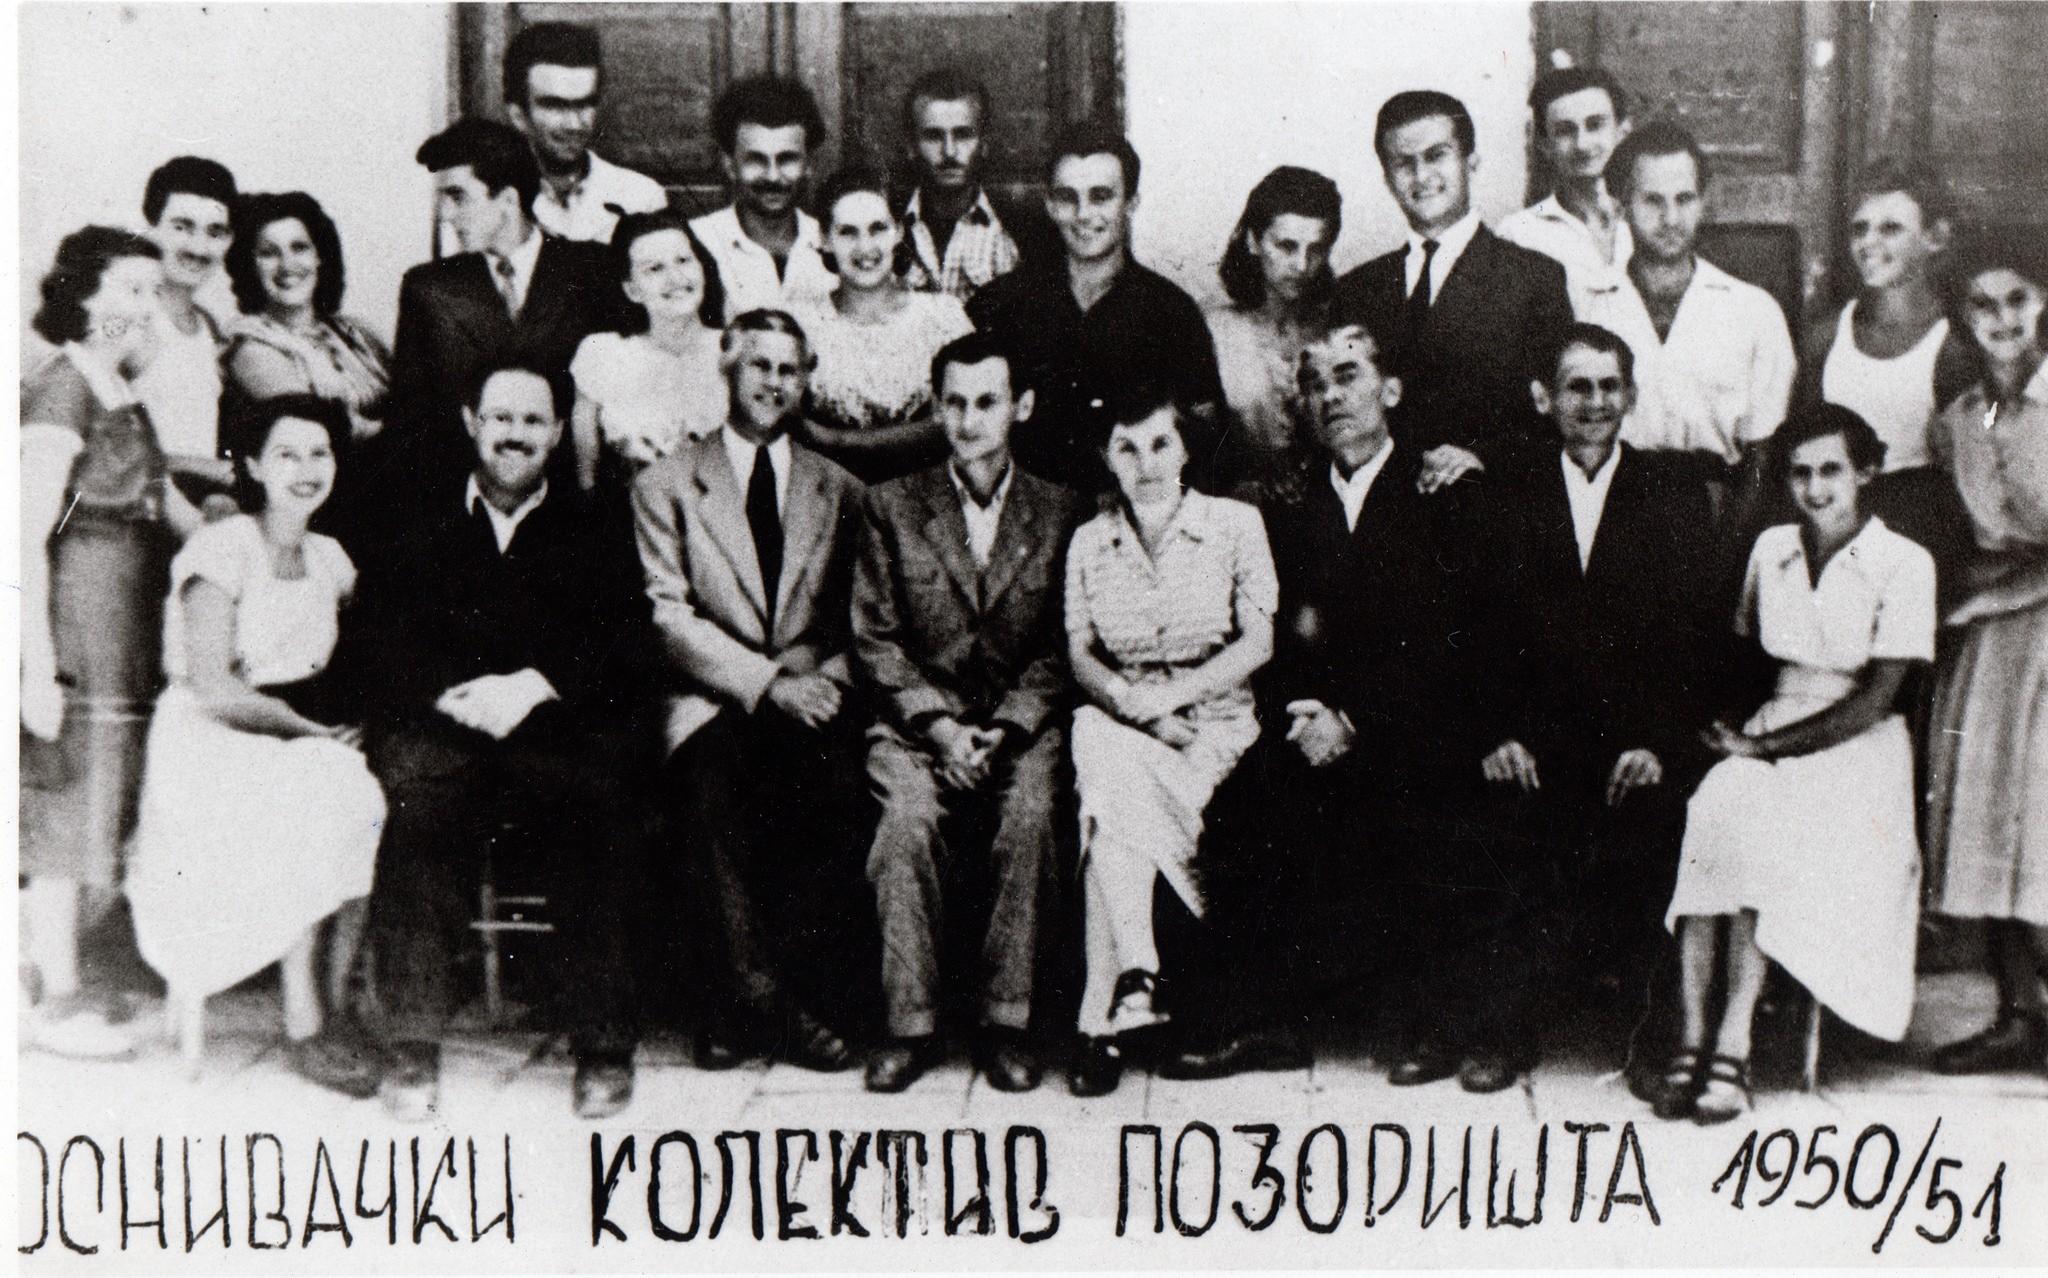 Osnivači pozorišta